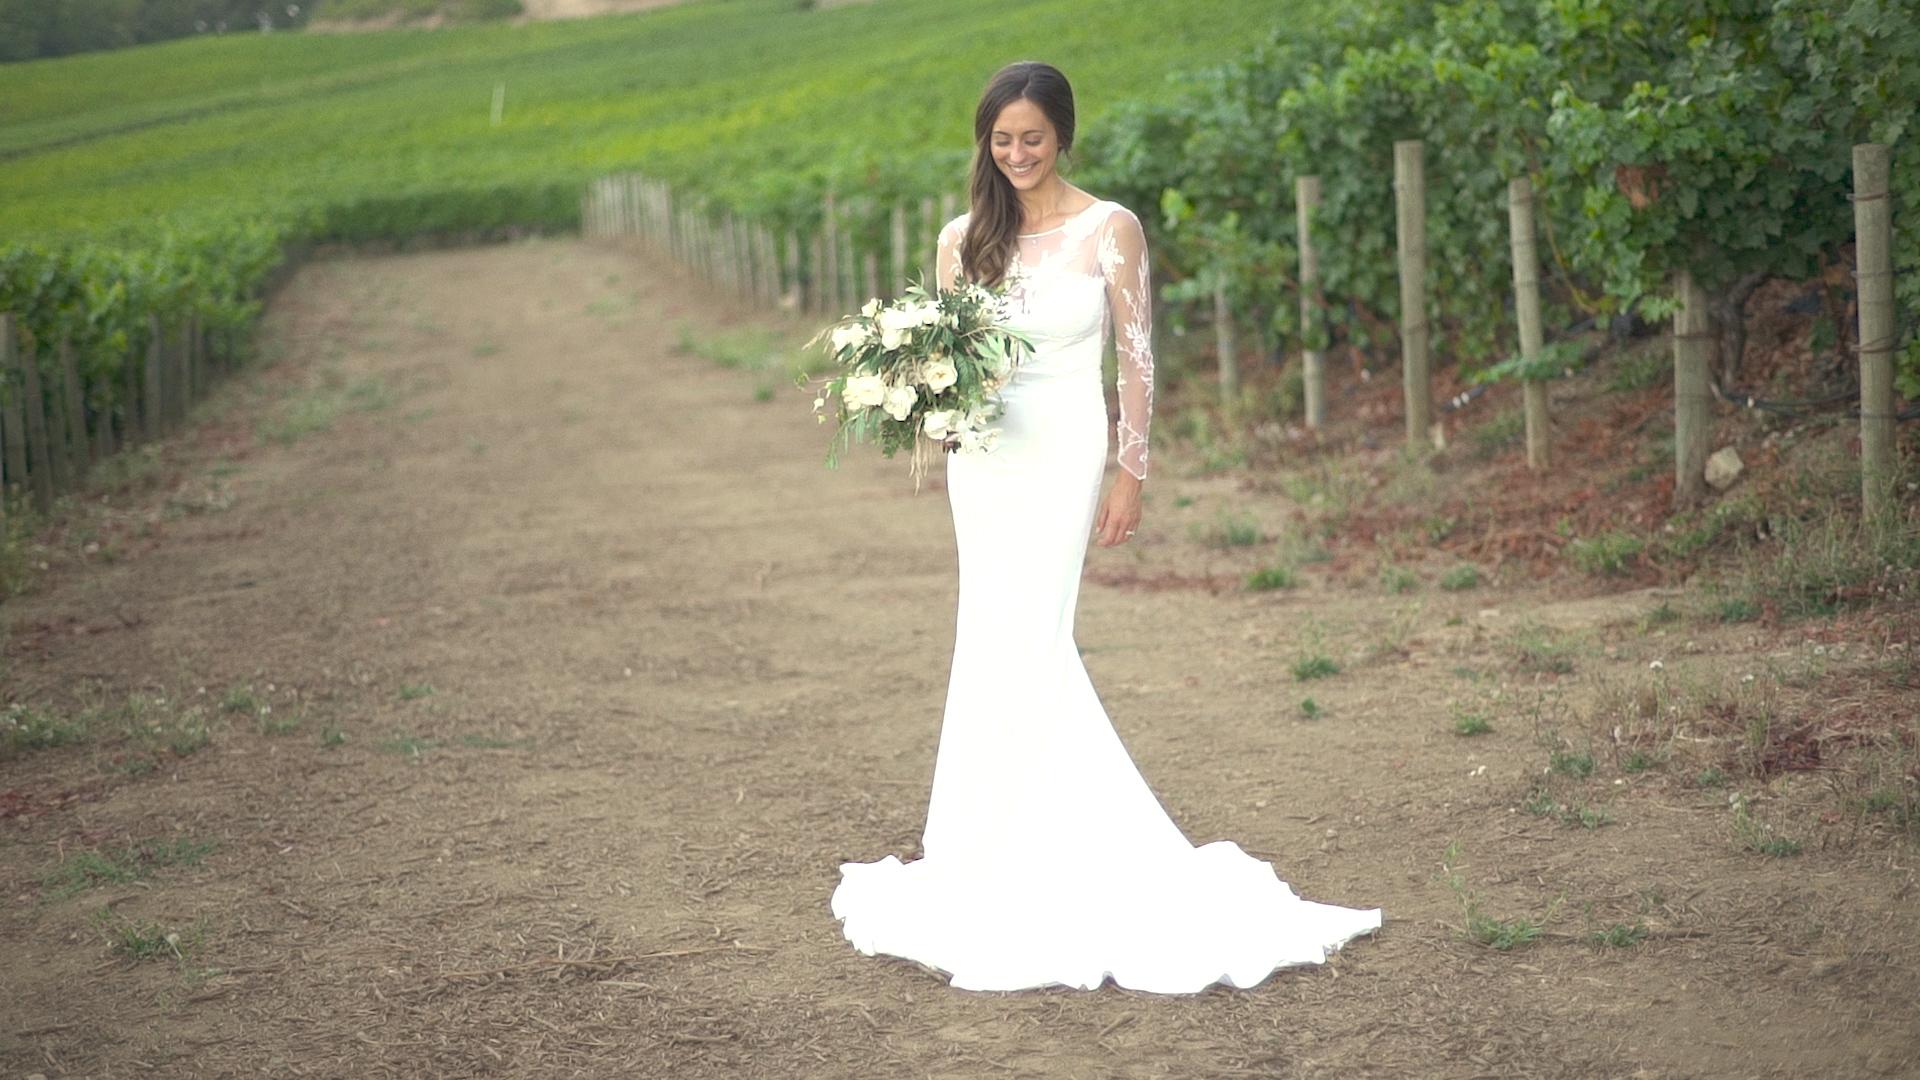 DARLING_WEDDING_v4.0 .00_02_21_13.Still030.jpg